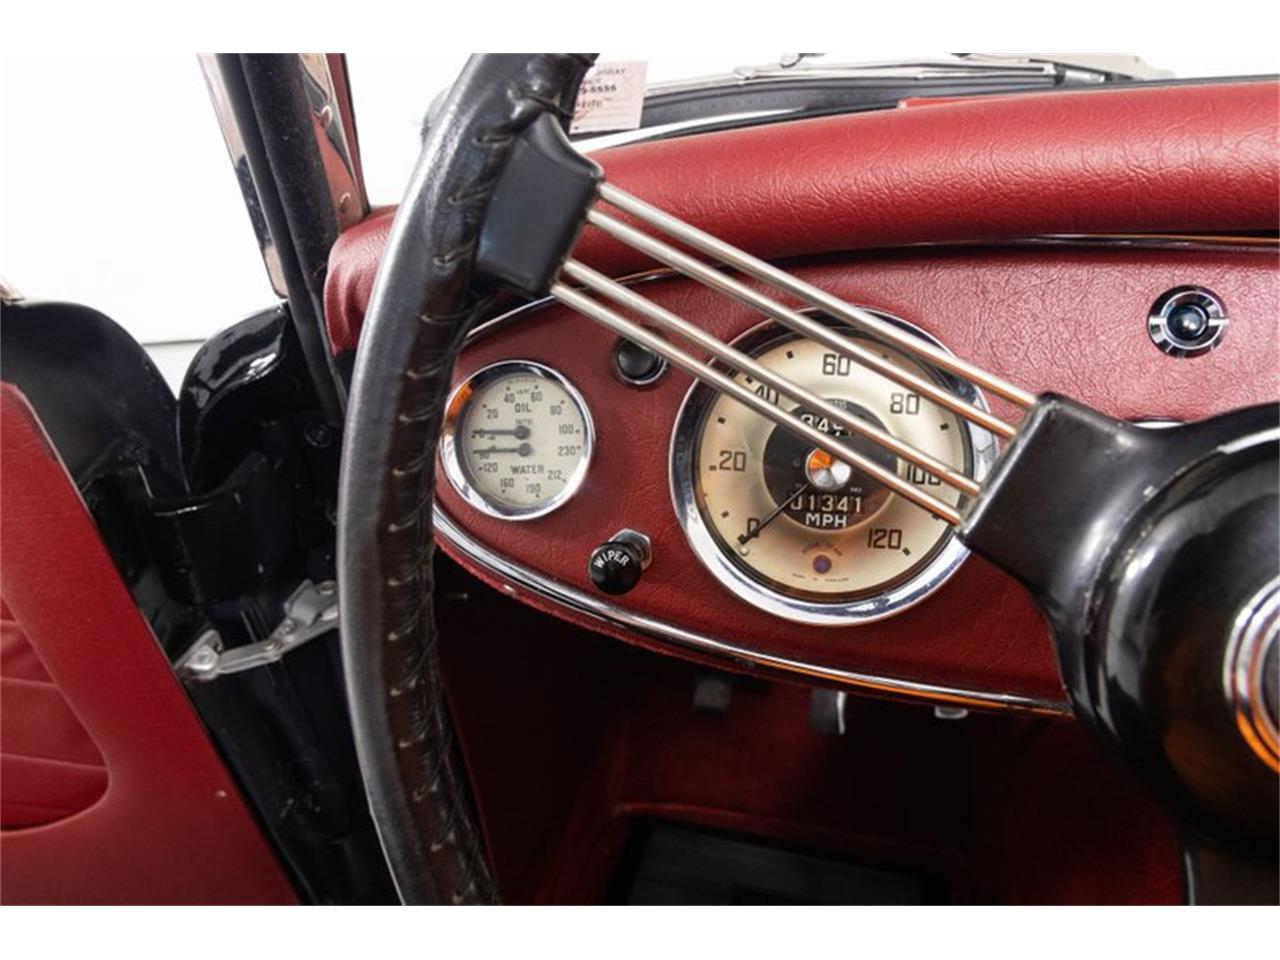 1964 Austin-Healey 3000 Mark II (CC-1301948) for sale in St. Charles, Missouri